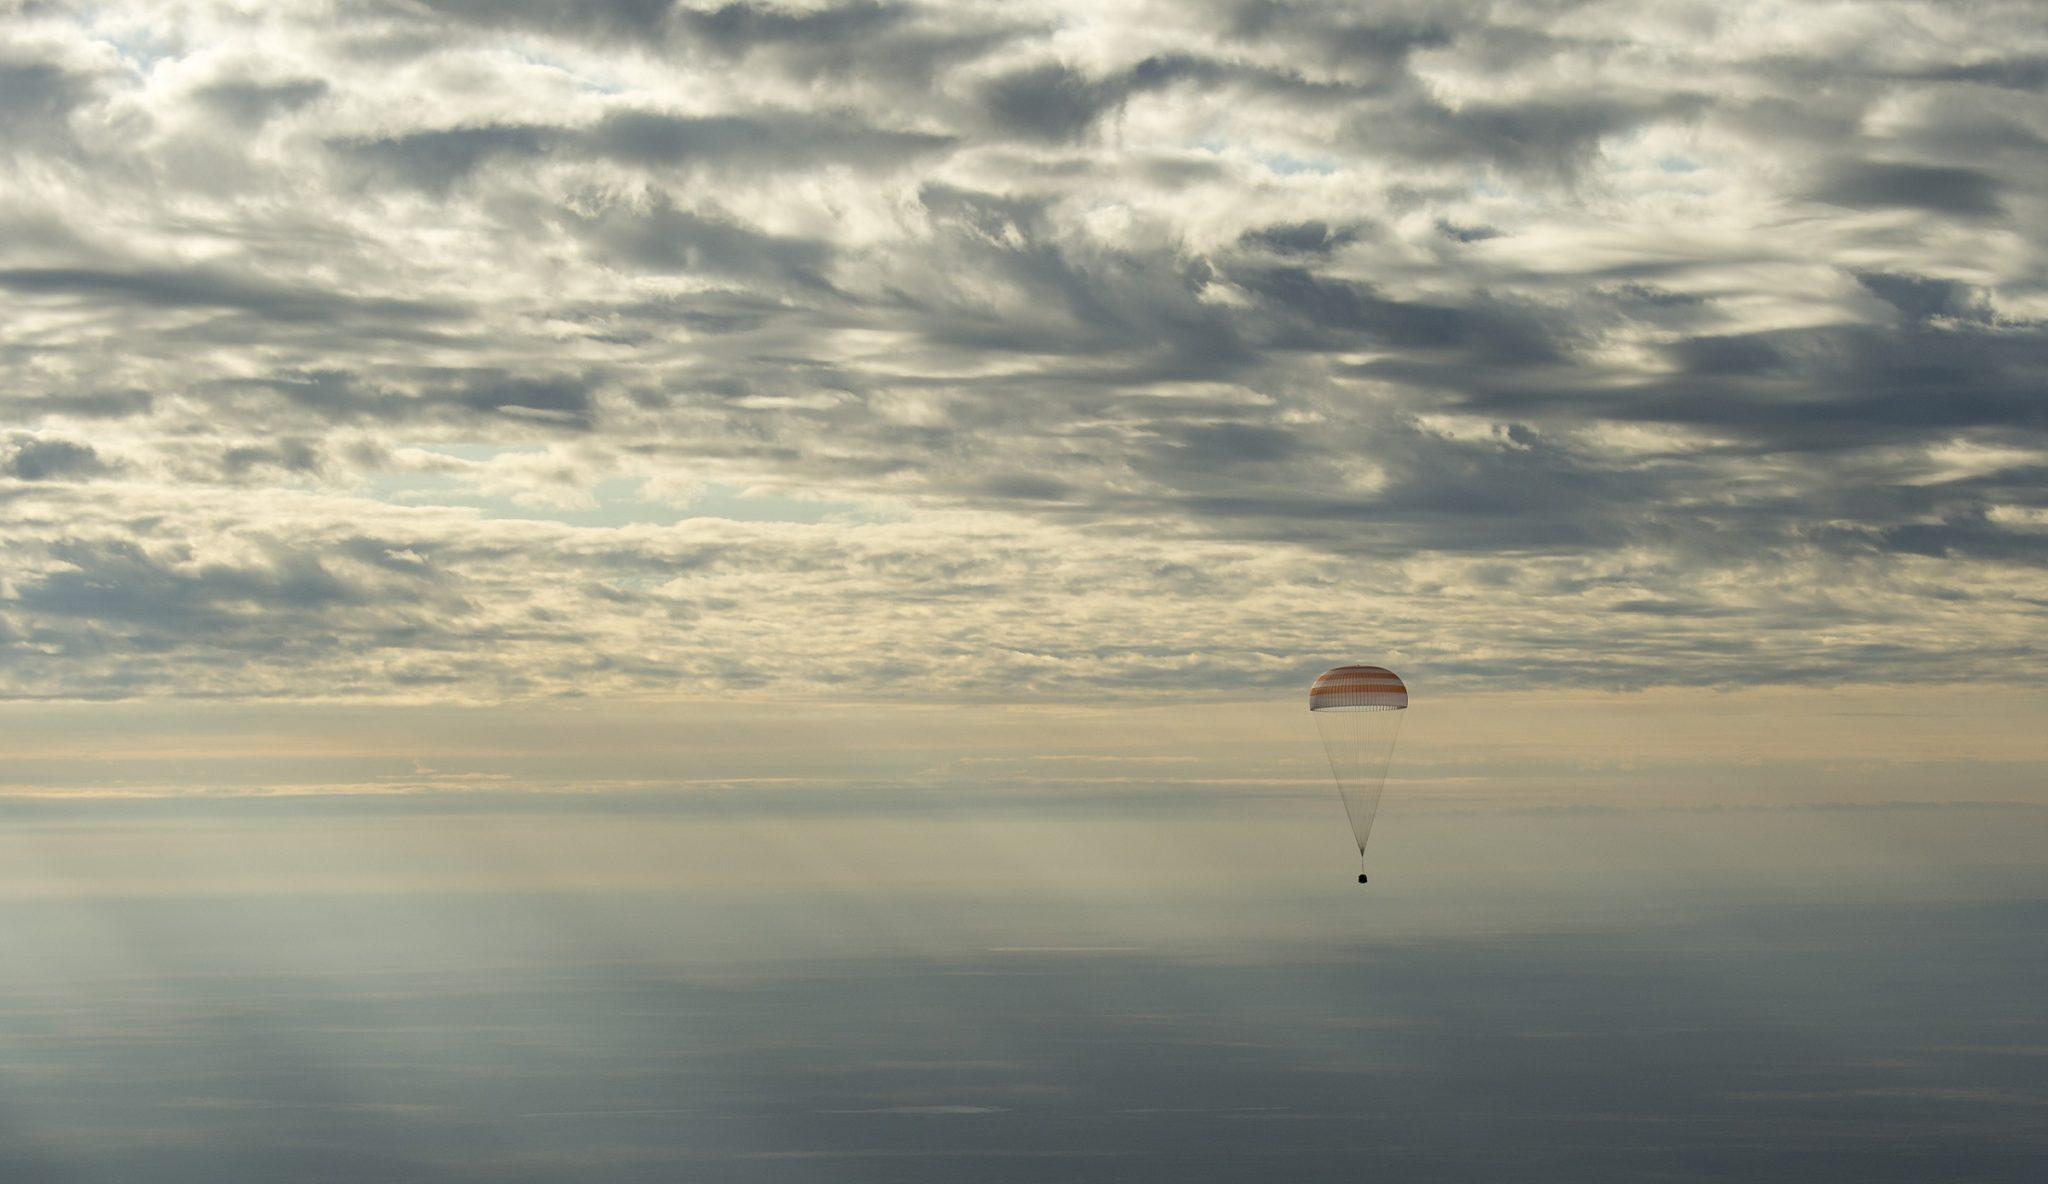 Το Πλήρωμα της Αποστολής 49 Επέστρεψε με Ασφάλεια στη Γη